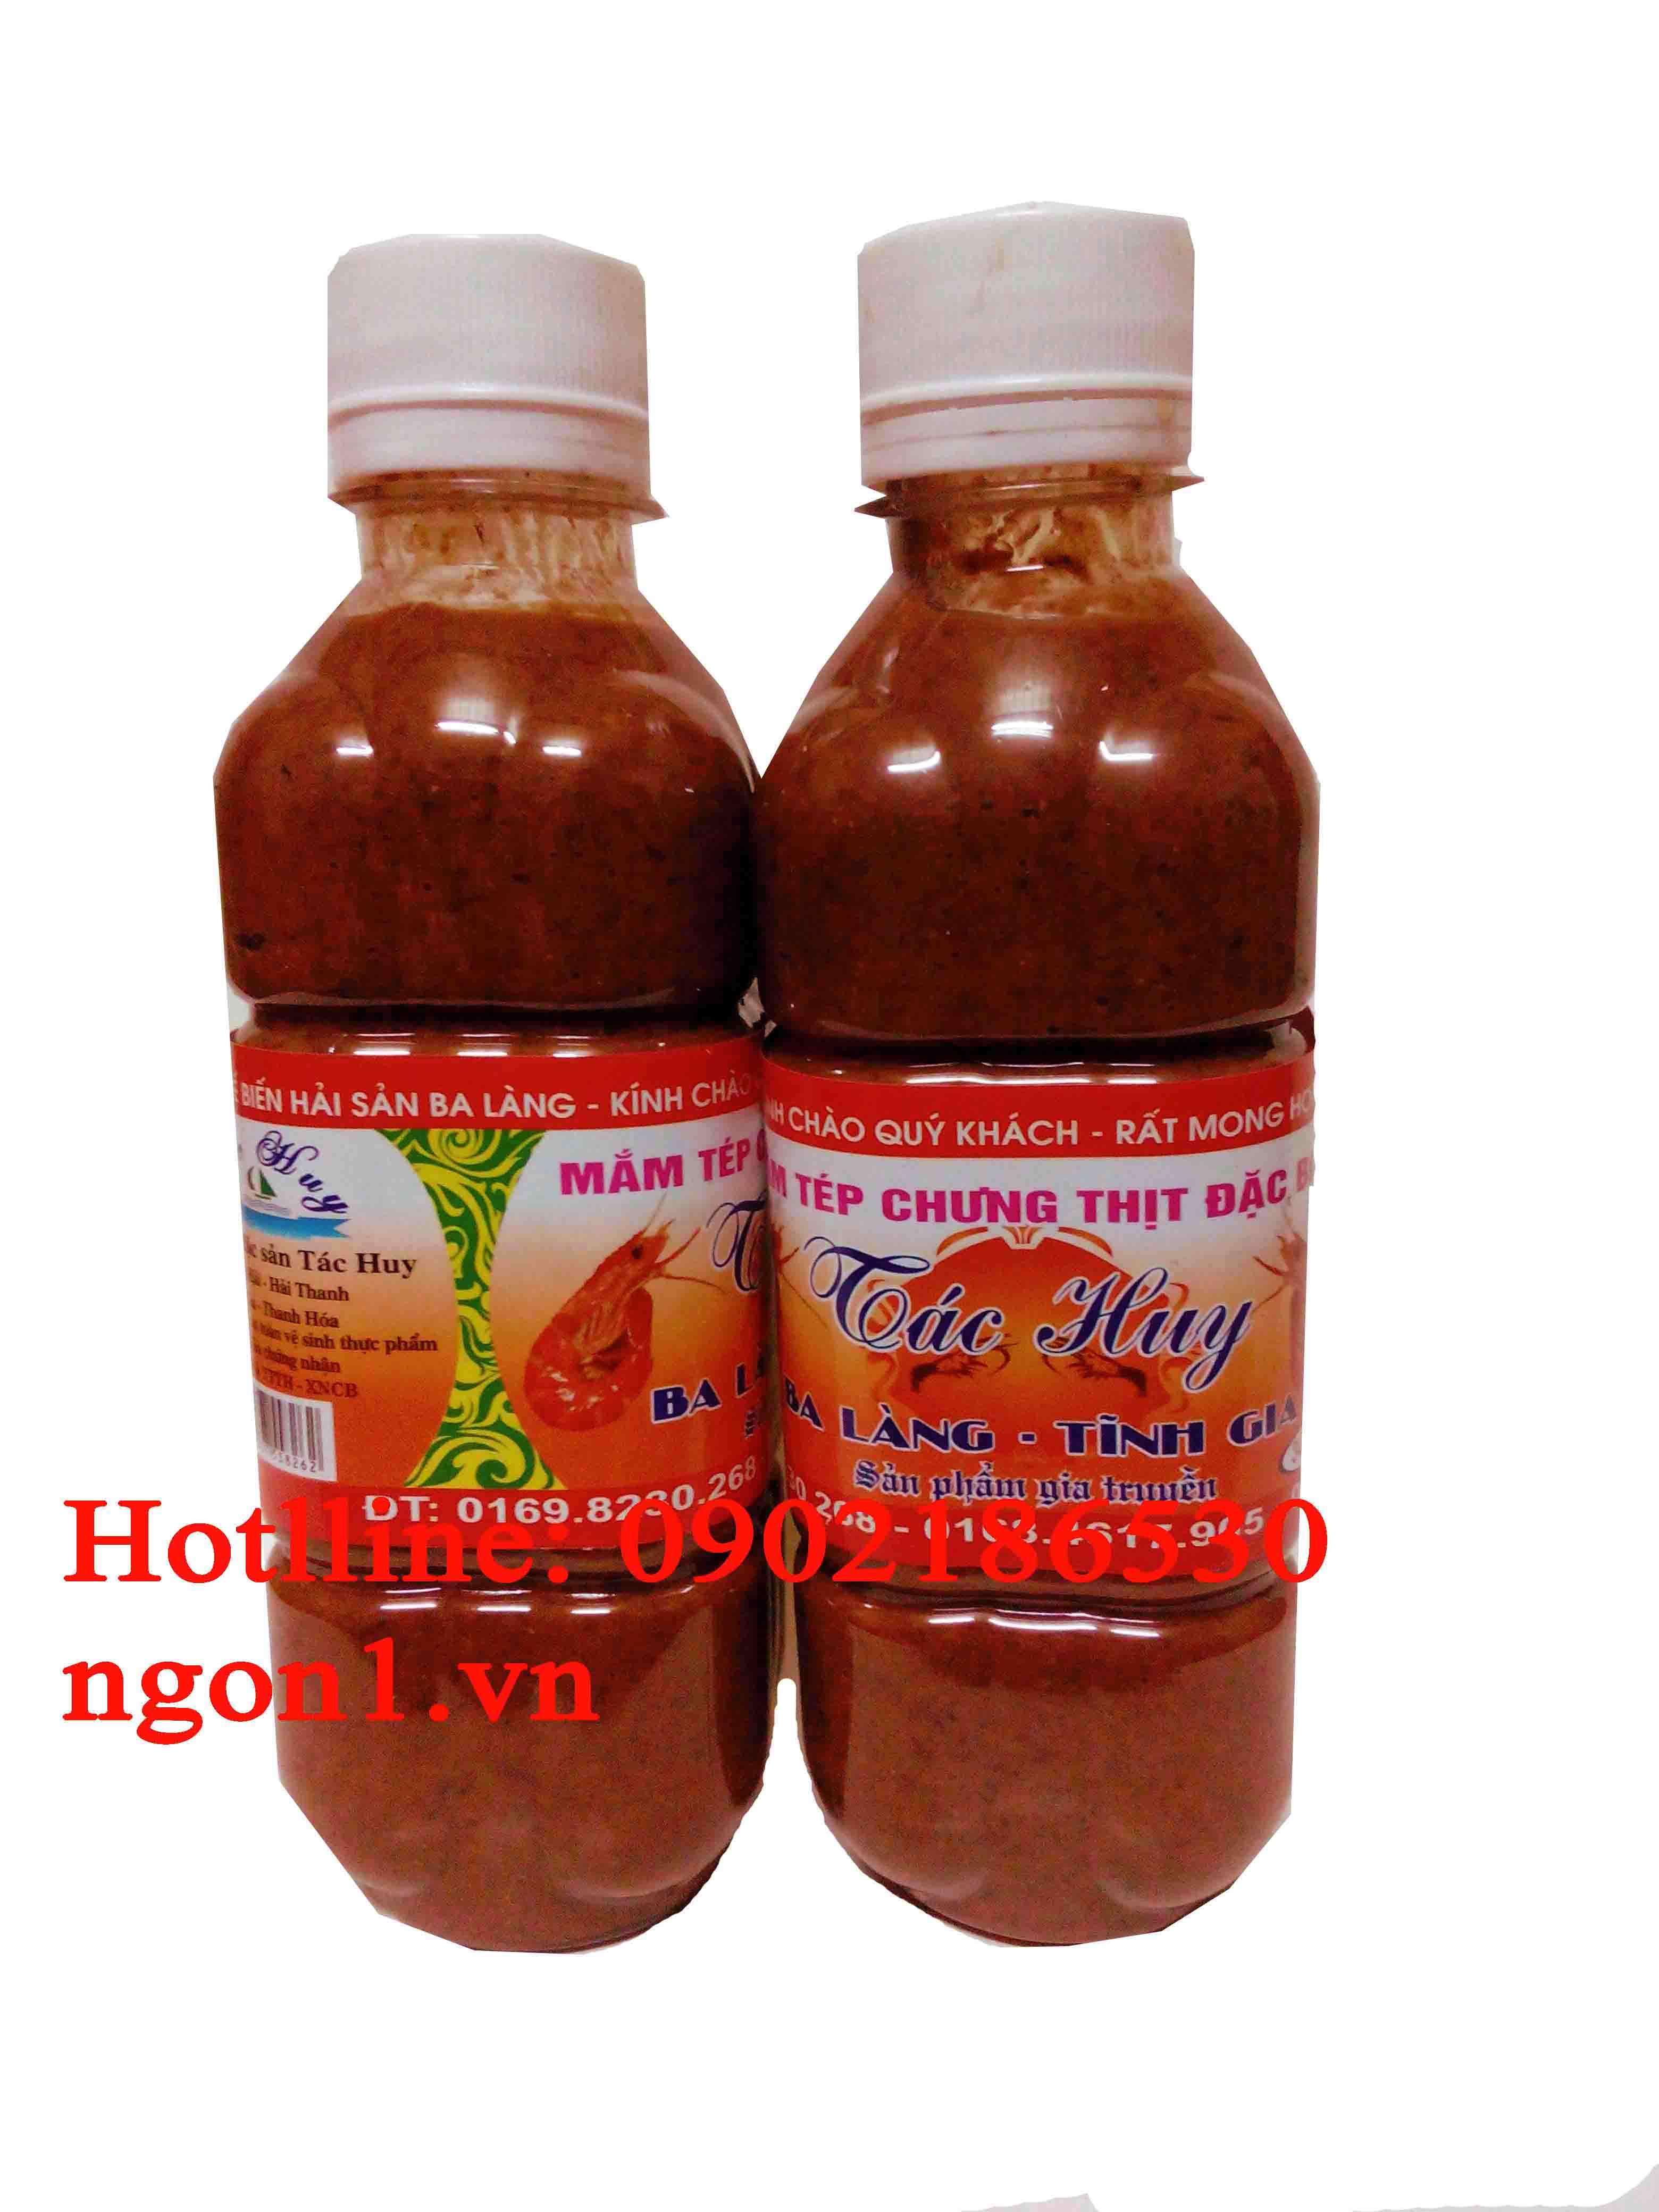 Mắm tép chưng thịt đặc sản Thanh Hóa (chai 300ml)